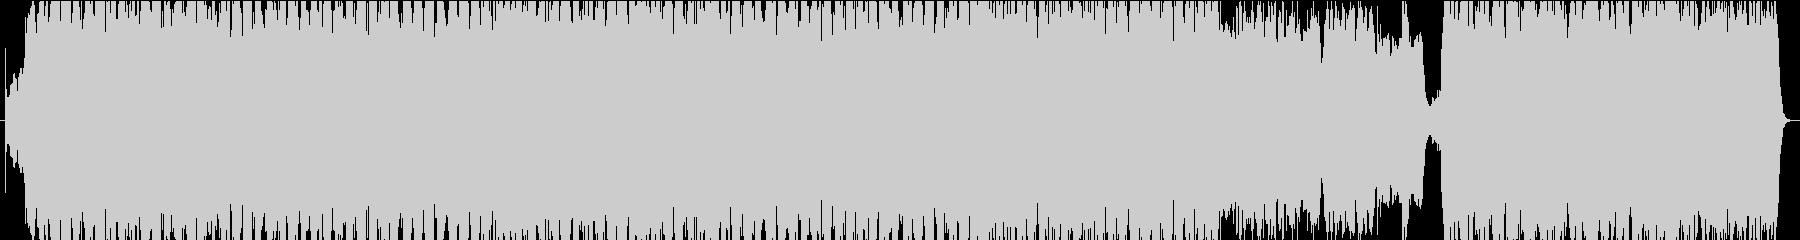 神秘的で儚いピアノとストリングスのBGMの未再生の波形